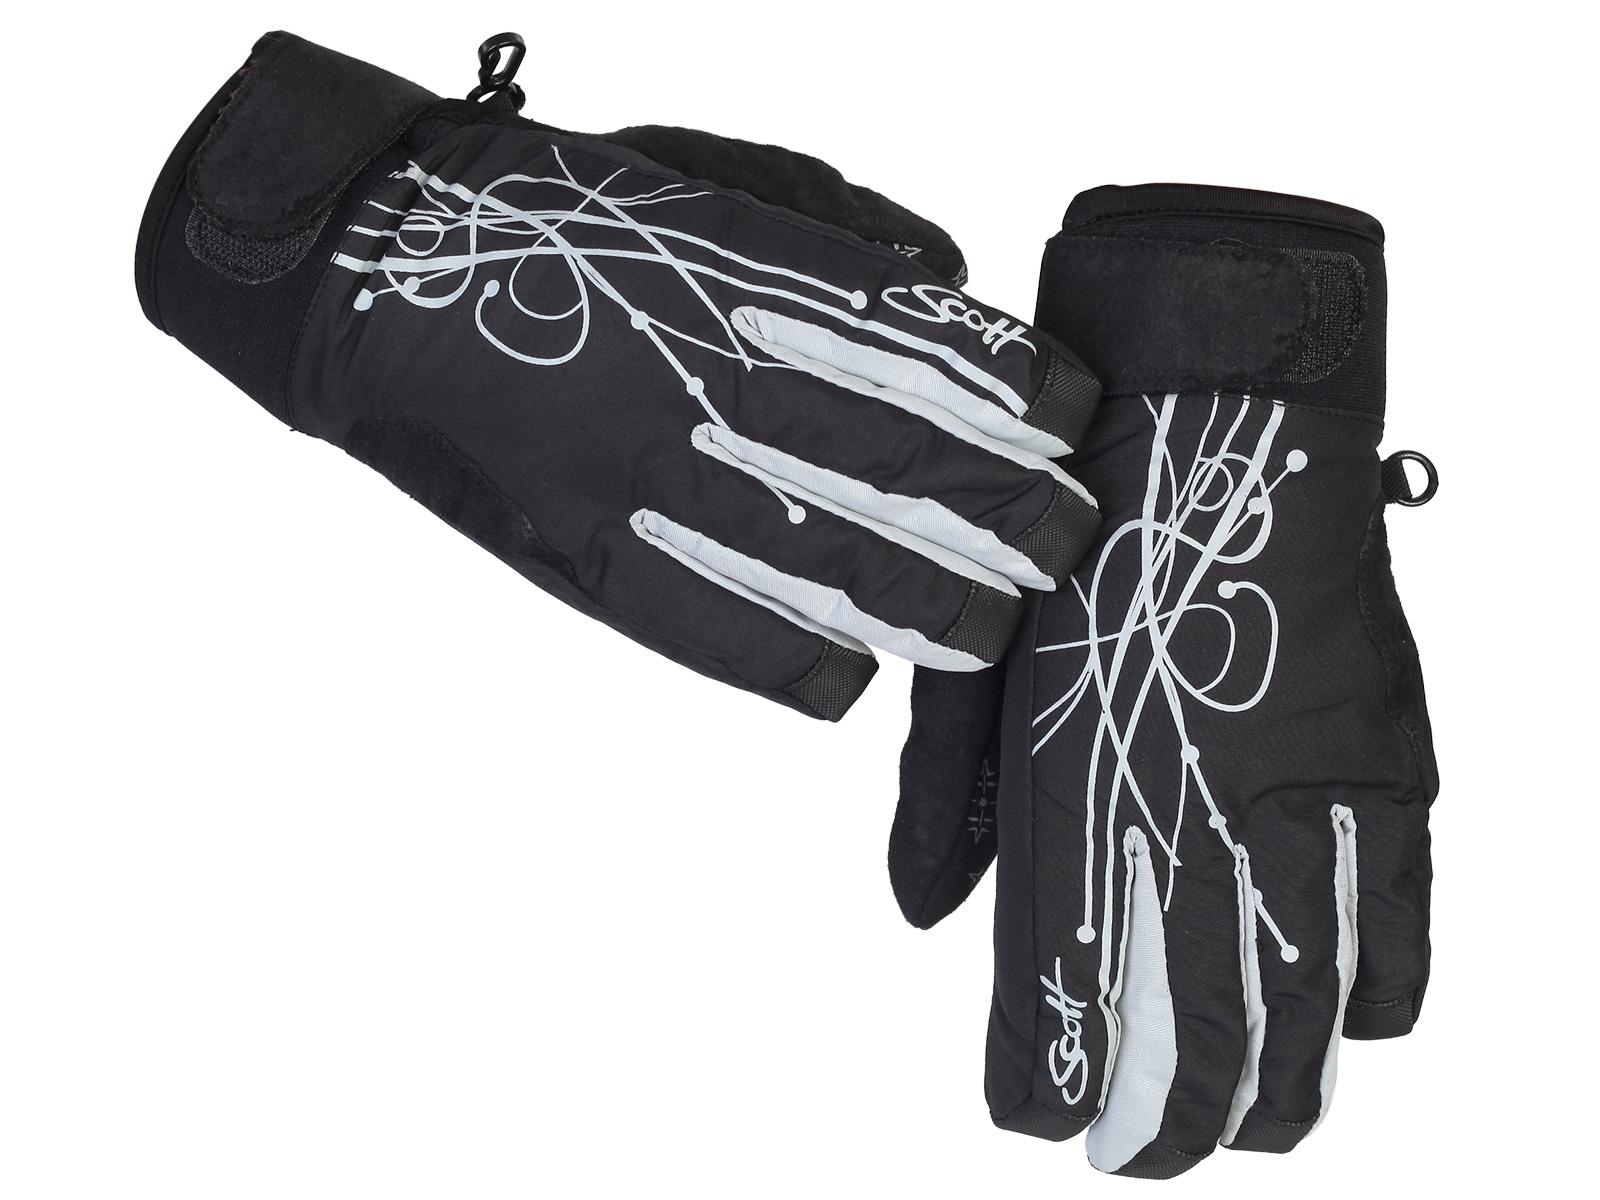 Брендовые перчатки Scott для лыж, сноуборда и на каждый день